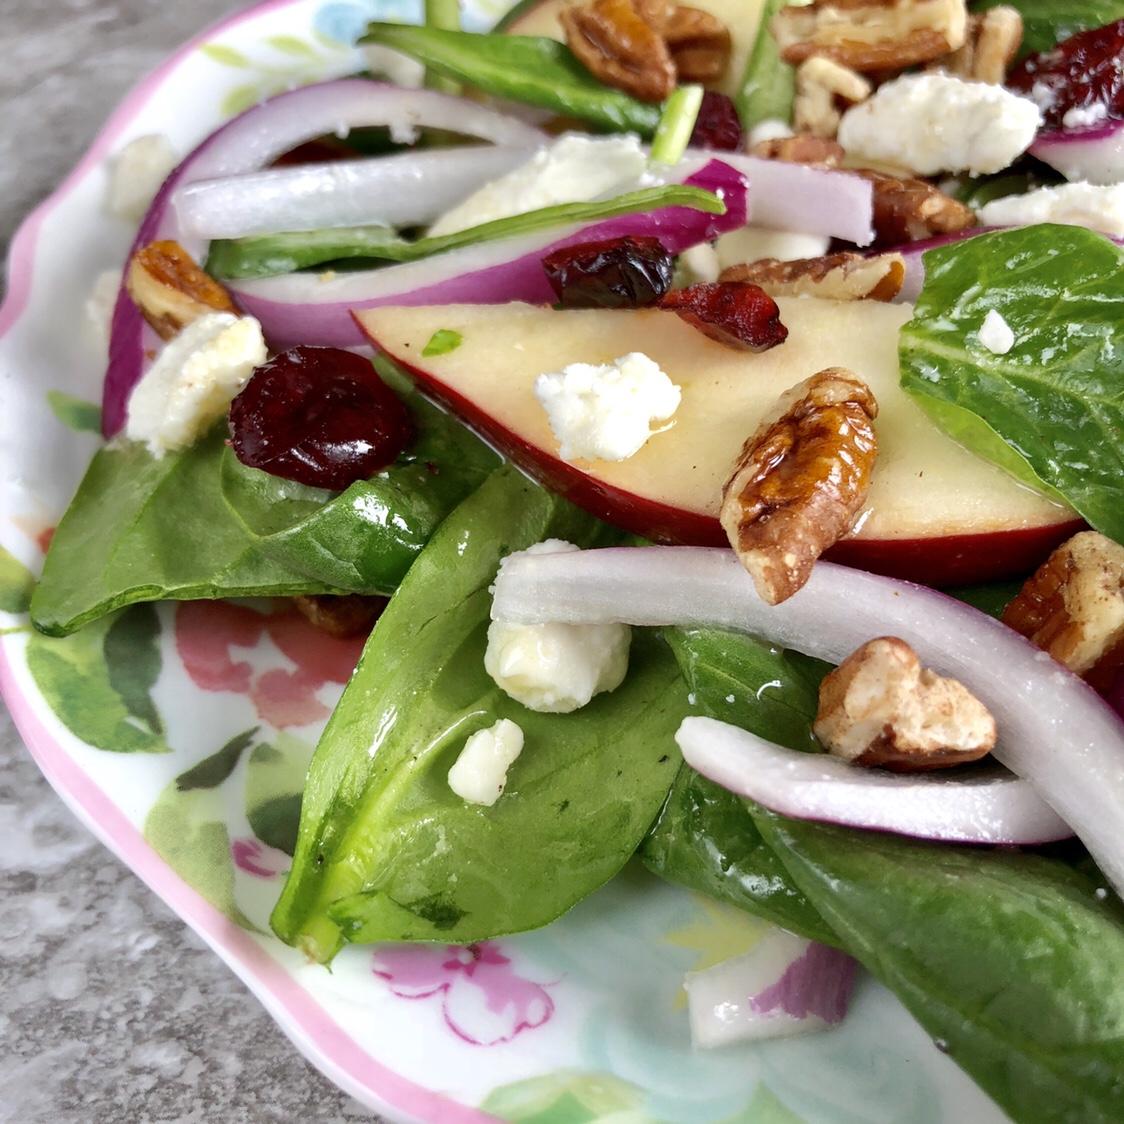 Apple Cranberry Pecan Salad with Maple-Vinaigrette